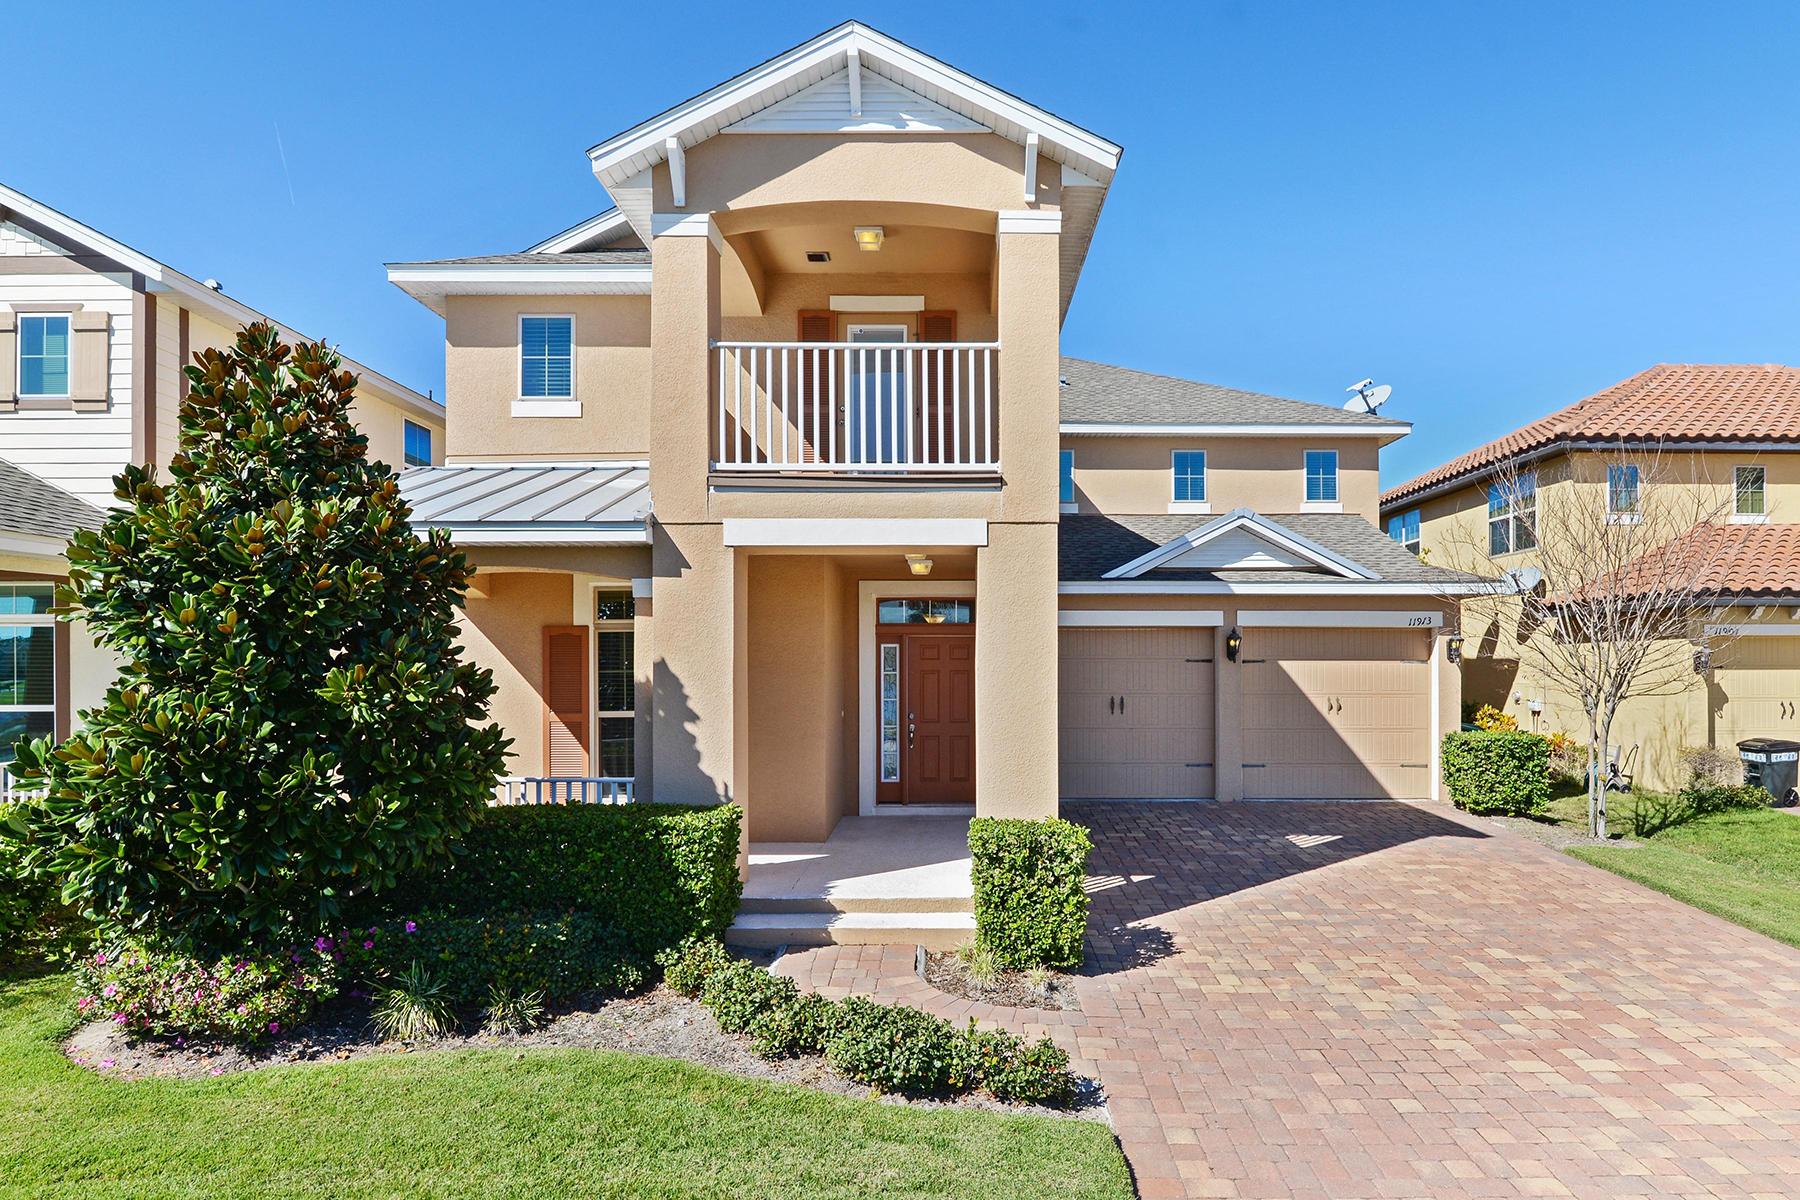 Casa para uma família para Venda às Windermere,Florida 11913 Gold Creek Trl Windermere, Florida, 34786 Estados Unidos